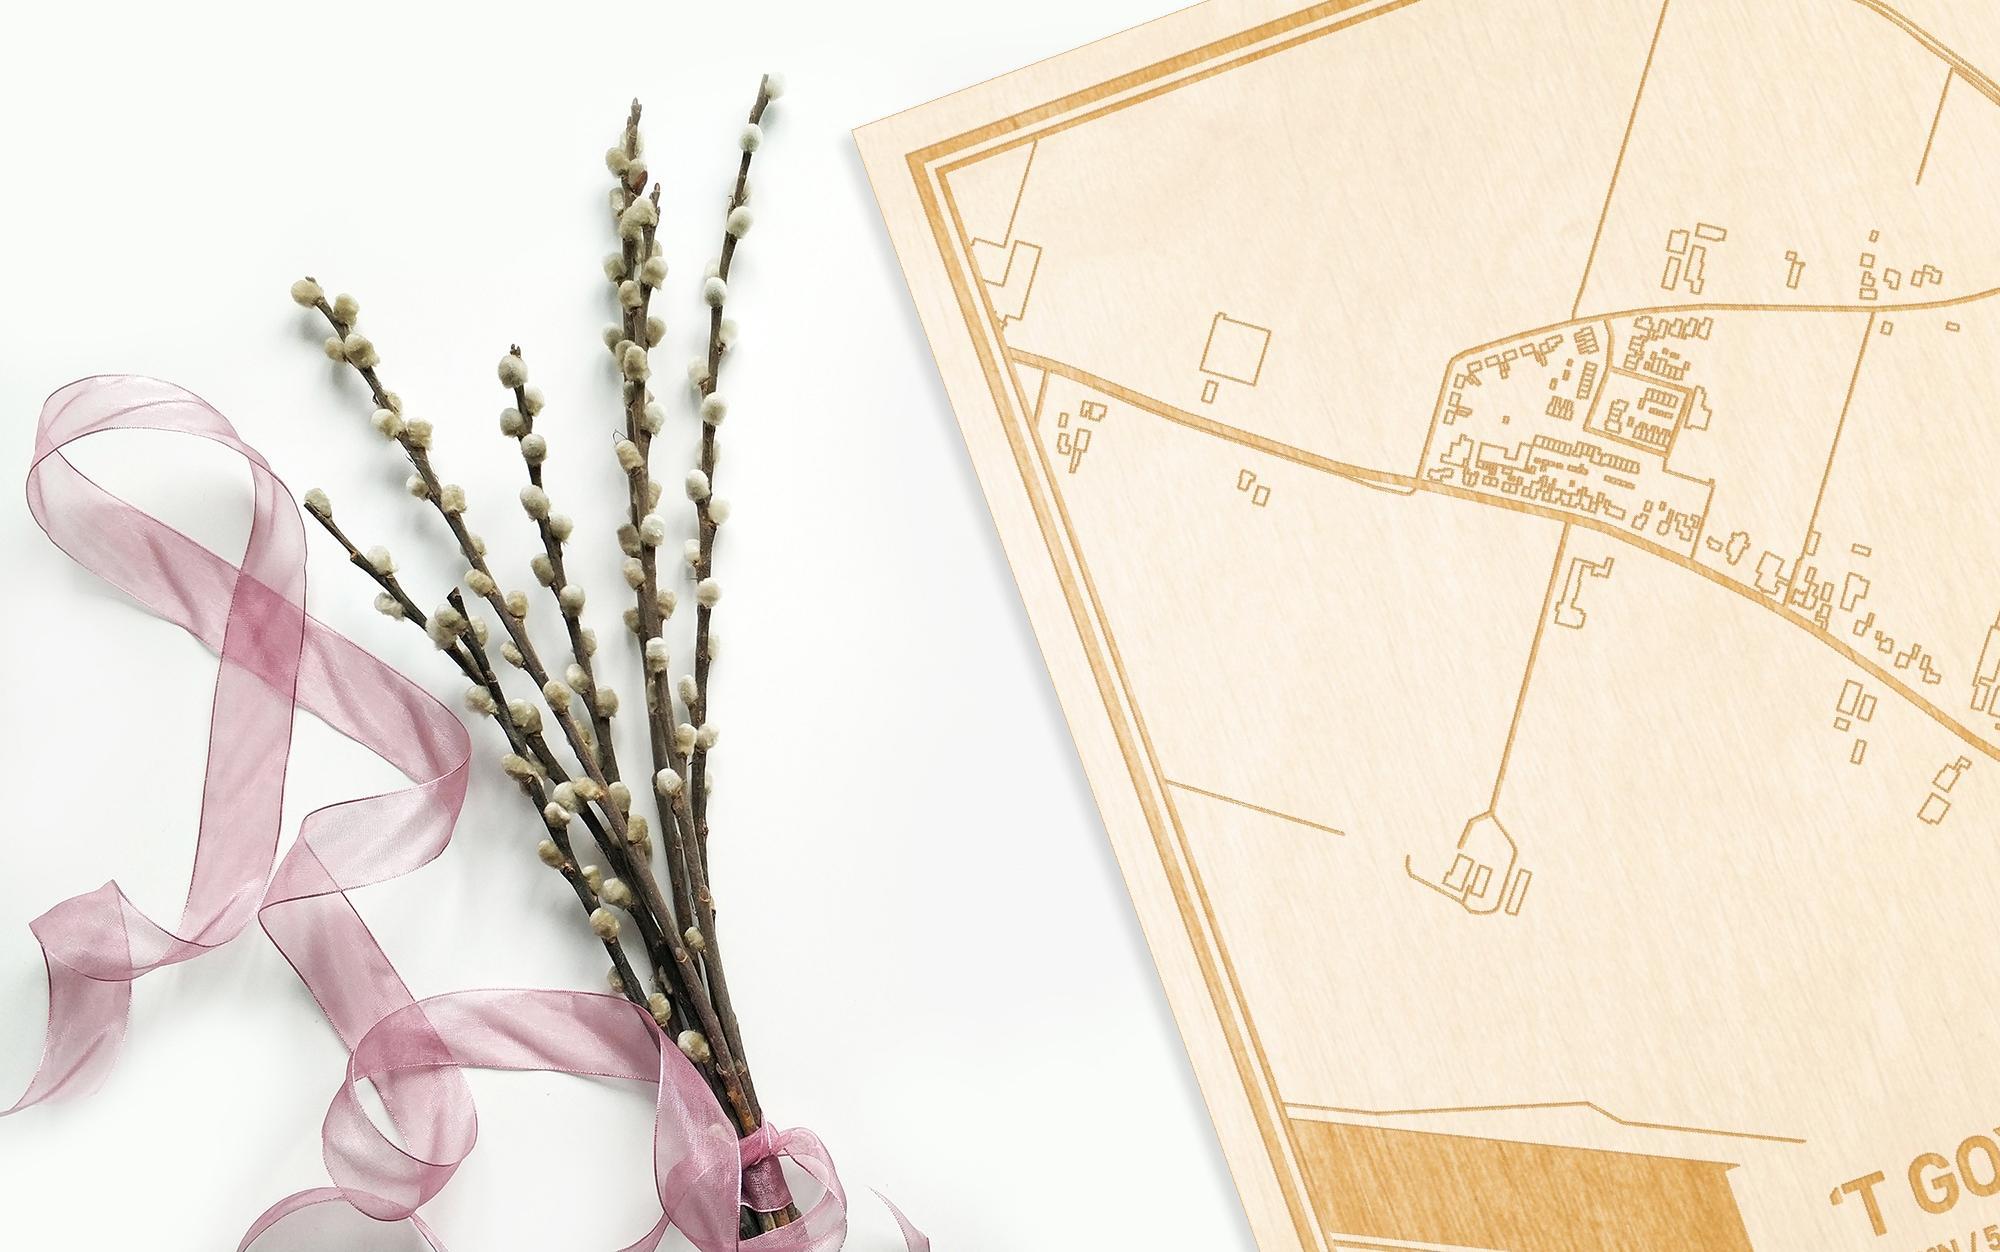 Hier ligt de houten plattegrond 't Goy naast een bloemetje als gepersonaliseerd cadeau voor haar.